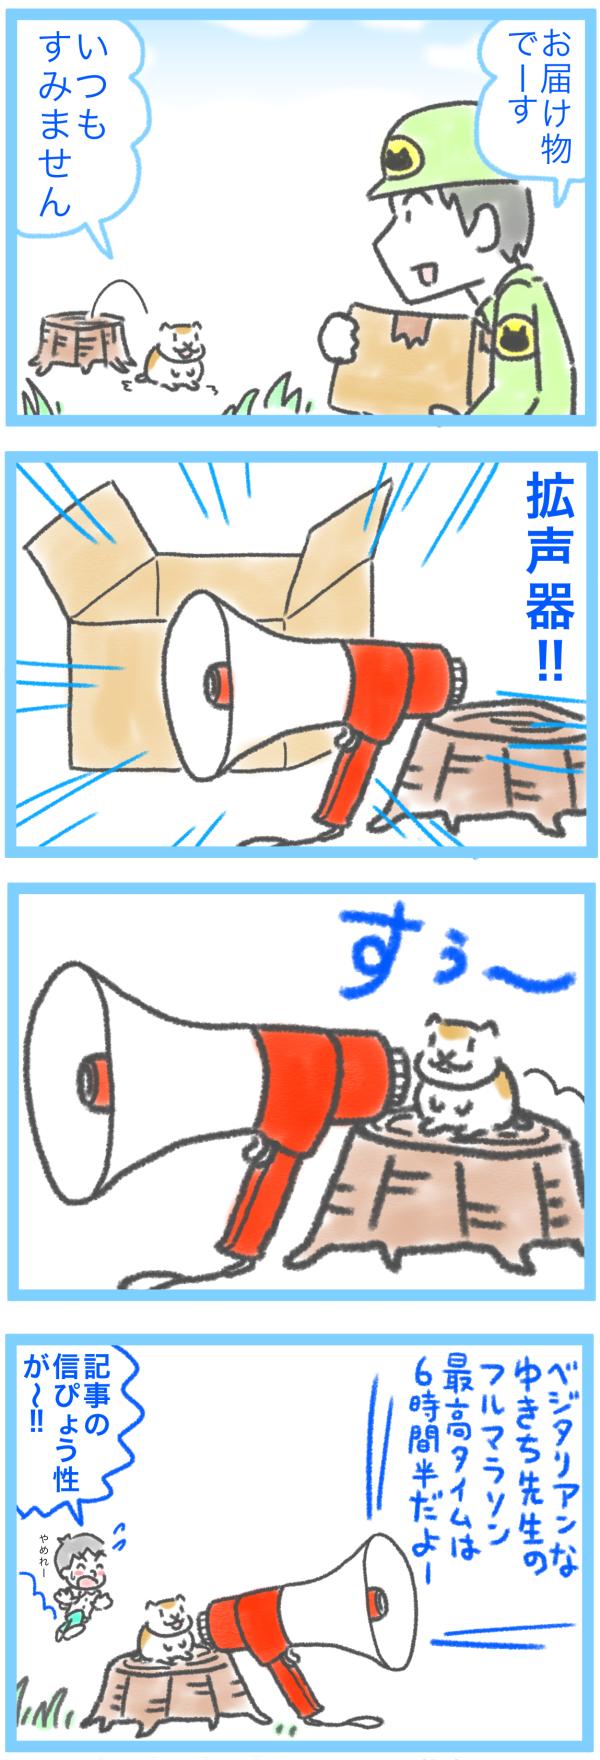 ベジタリアンランナーの漫画